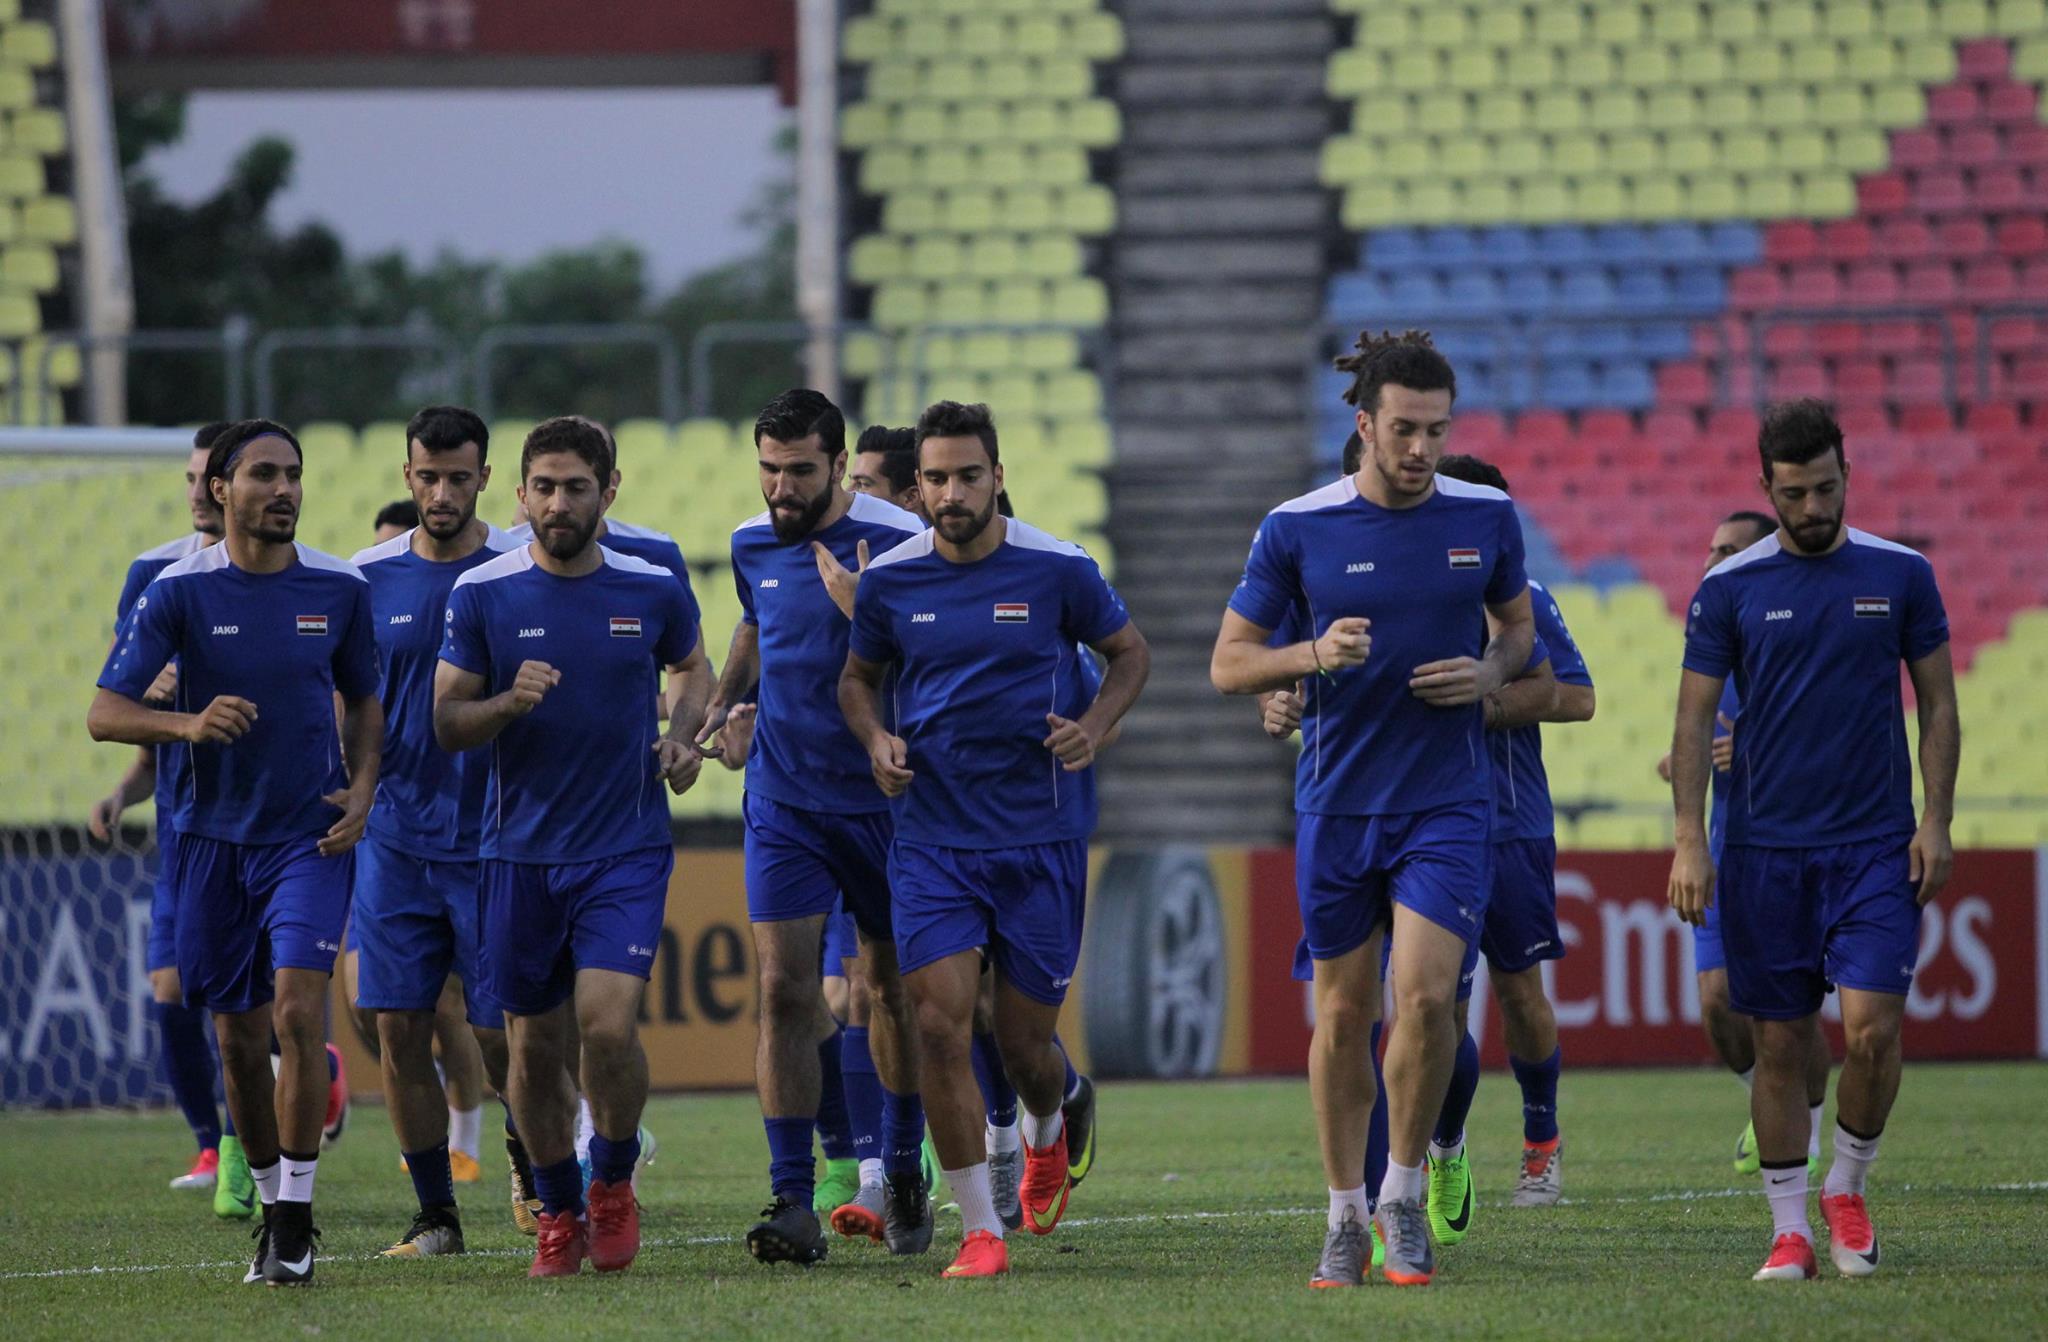 صورة التشكيلة الرسمية للمنتخب الوطني السوري في مباراته أمام قطر